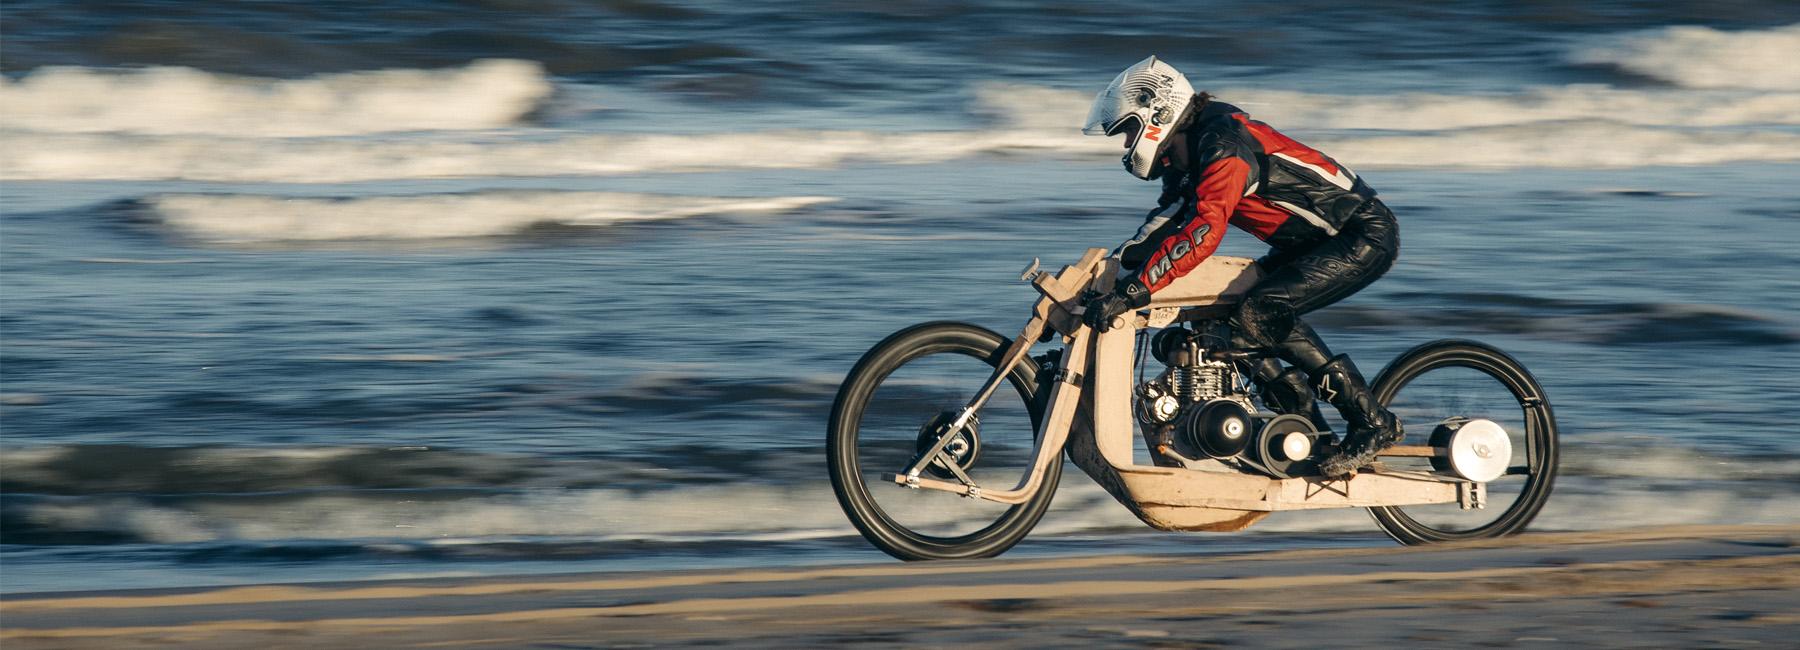 ritsert-mans-peter-mooji-algae-bike-designboom-05-19-2017-818-fullheader.jpg